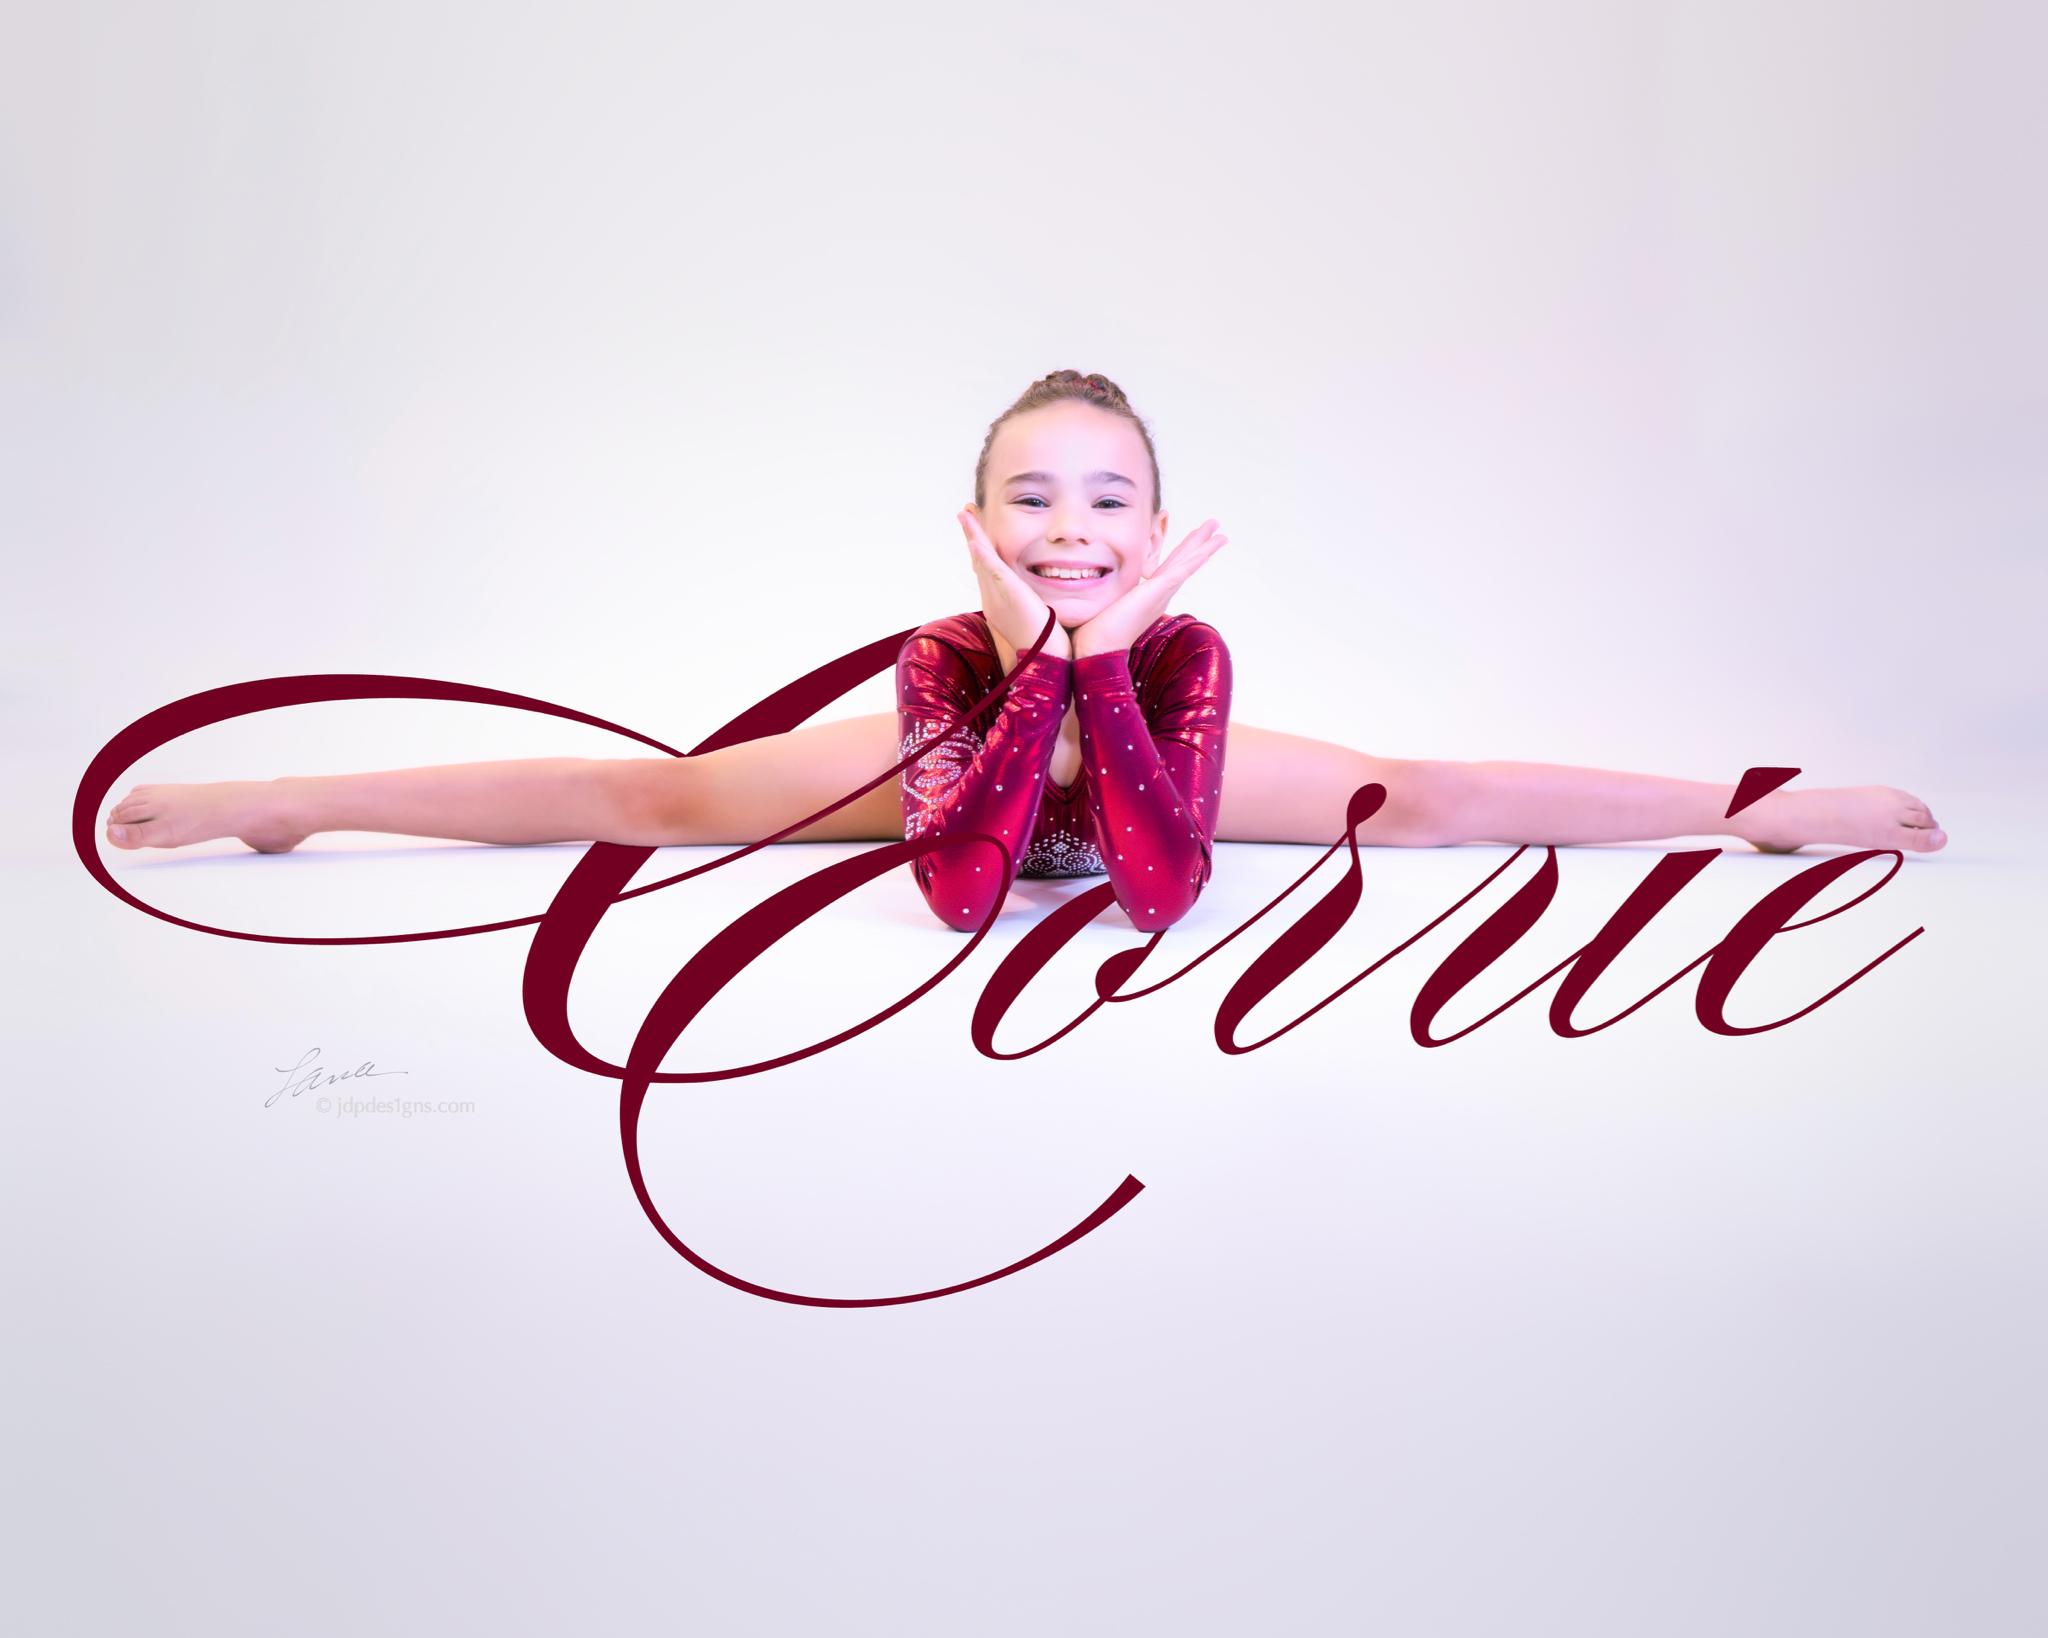 Corrie Name Poster.jpg